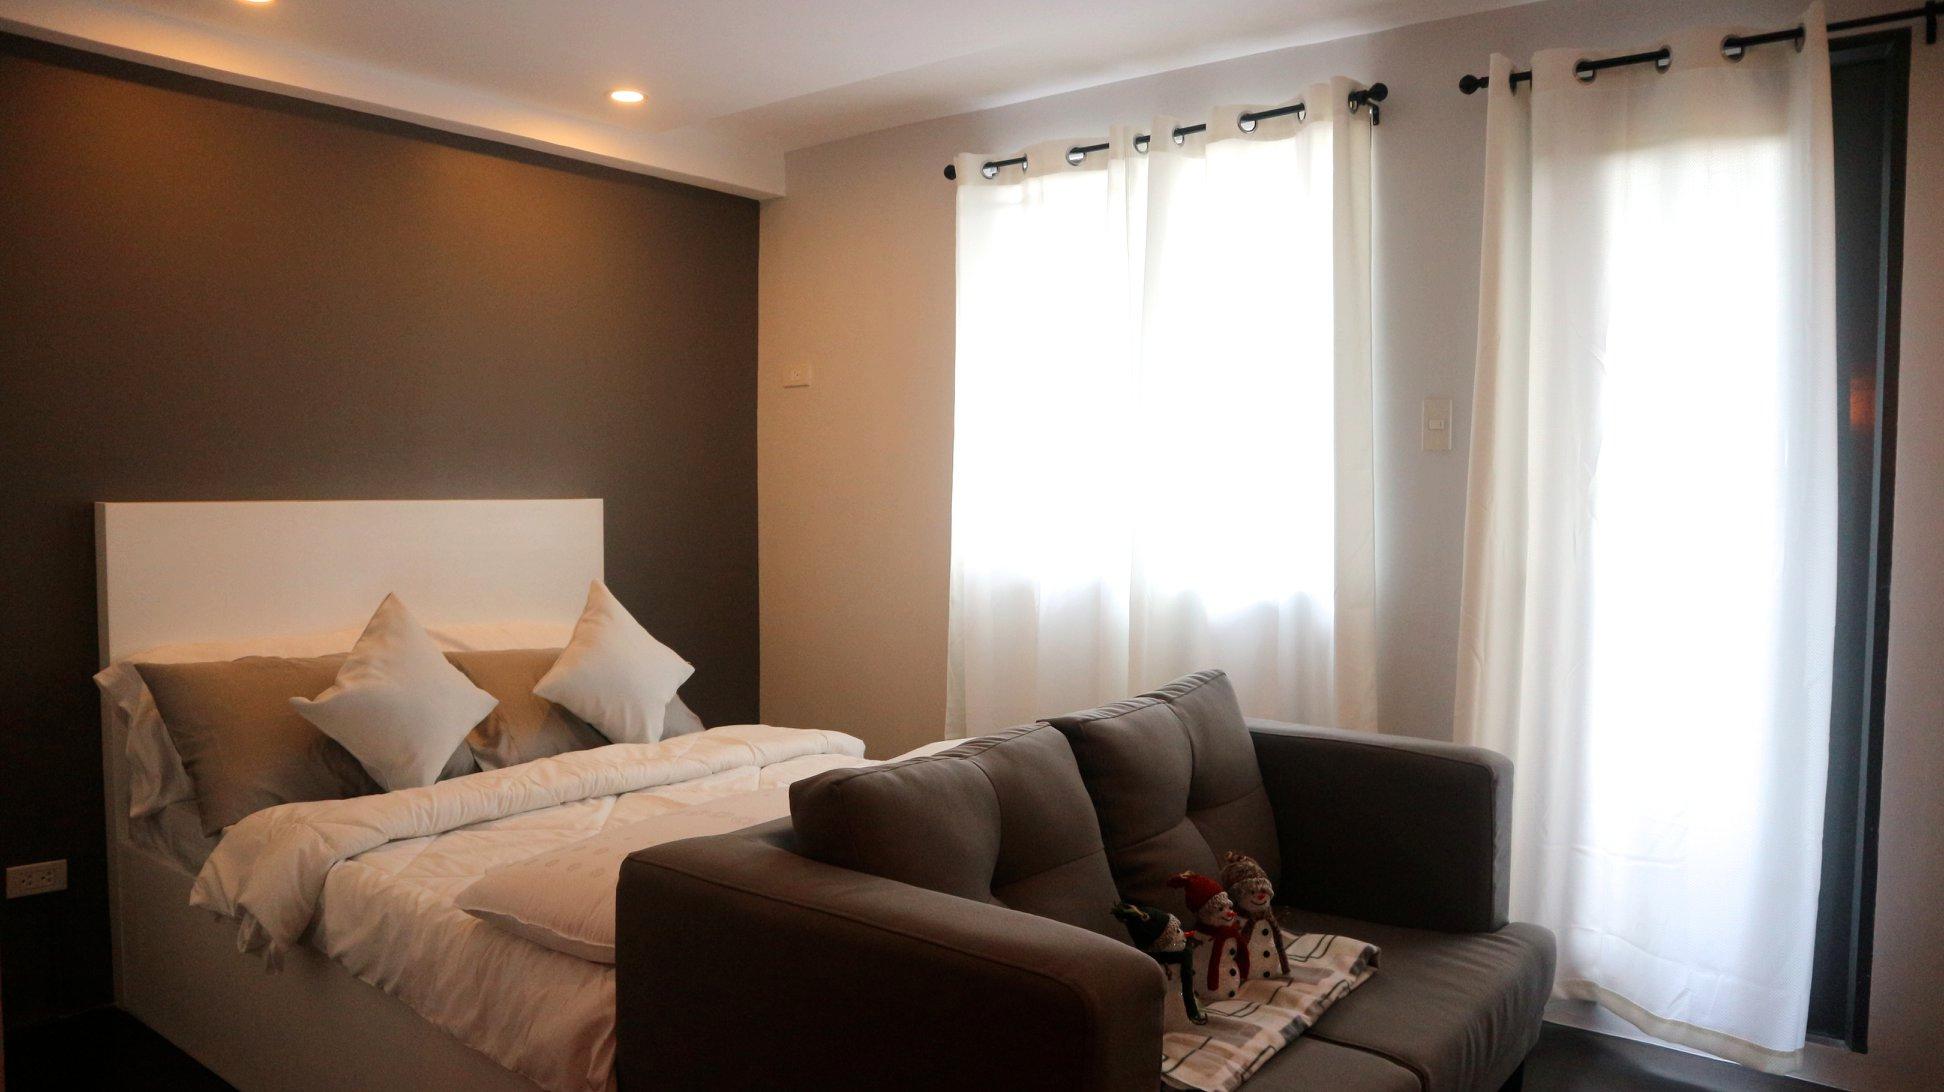 New Cozy Studio Type Condo Unit In Quezon City Condominiums For Rent In Quezon City Metro Manila Philippines